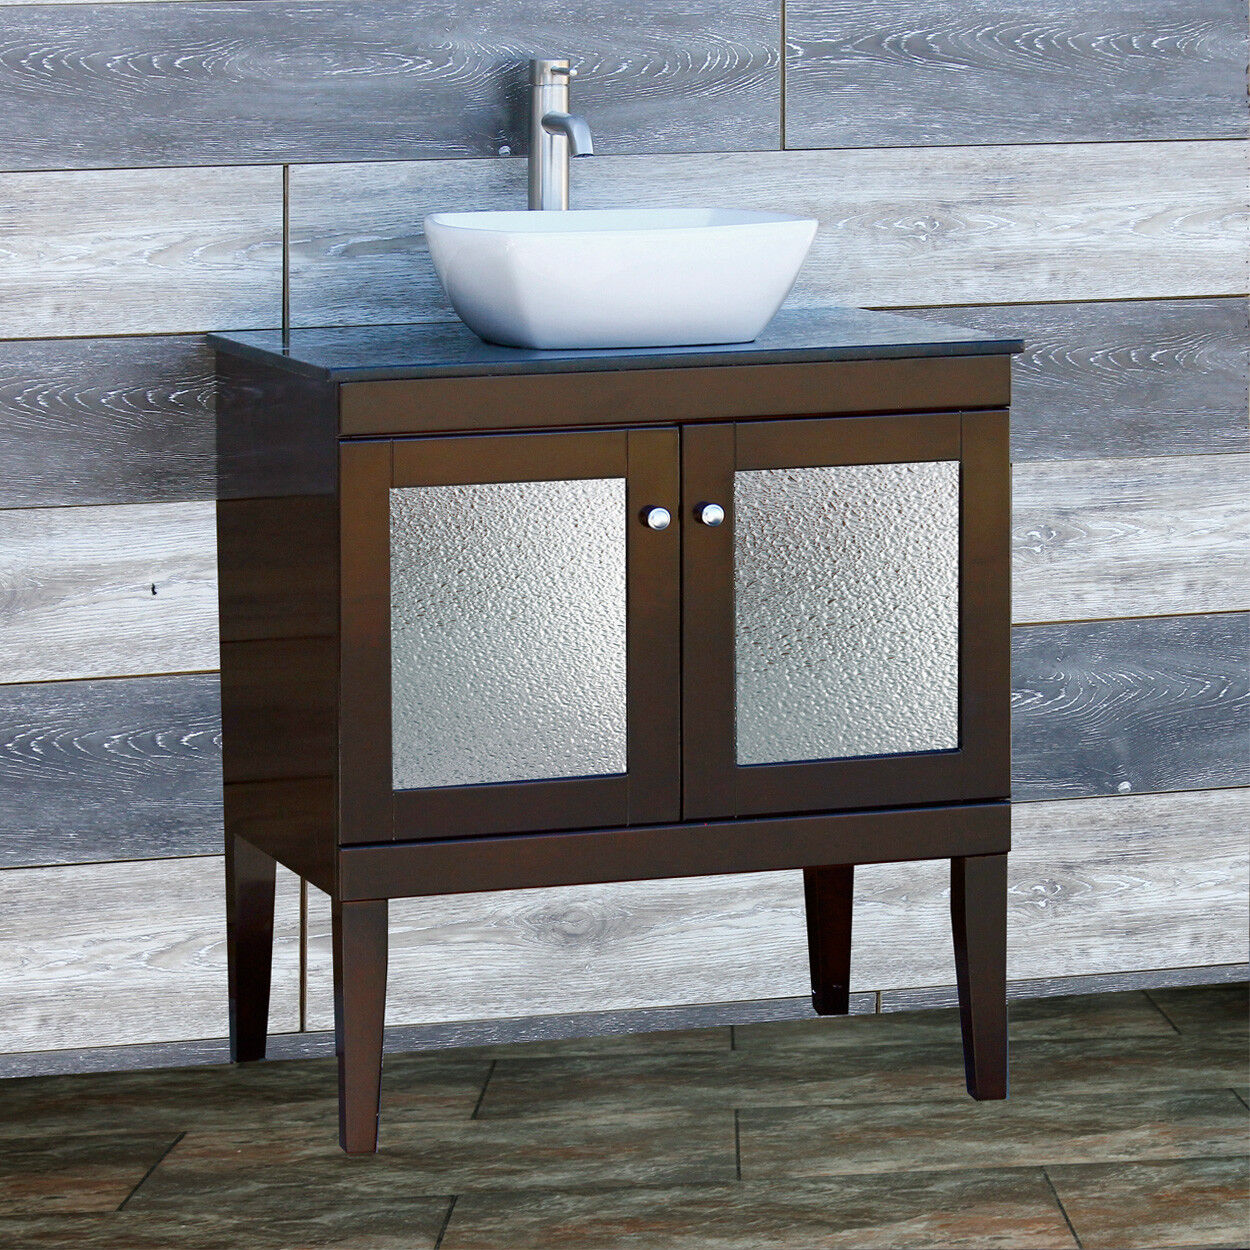 30 Bathroom Vanity 30 Inch Cabinet Black Granite Stone Top Vessel Sink Fd30 2 For Sale Online